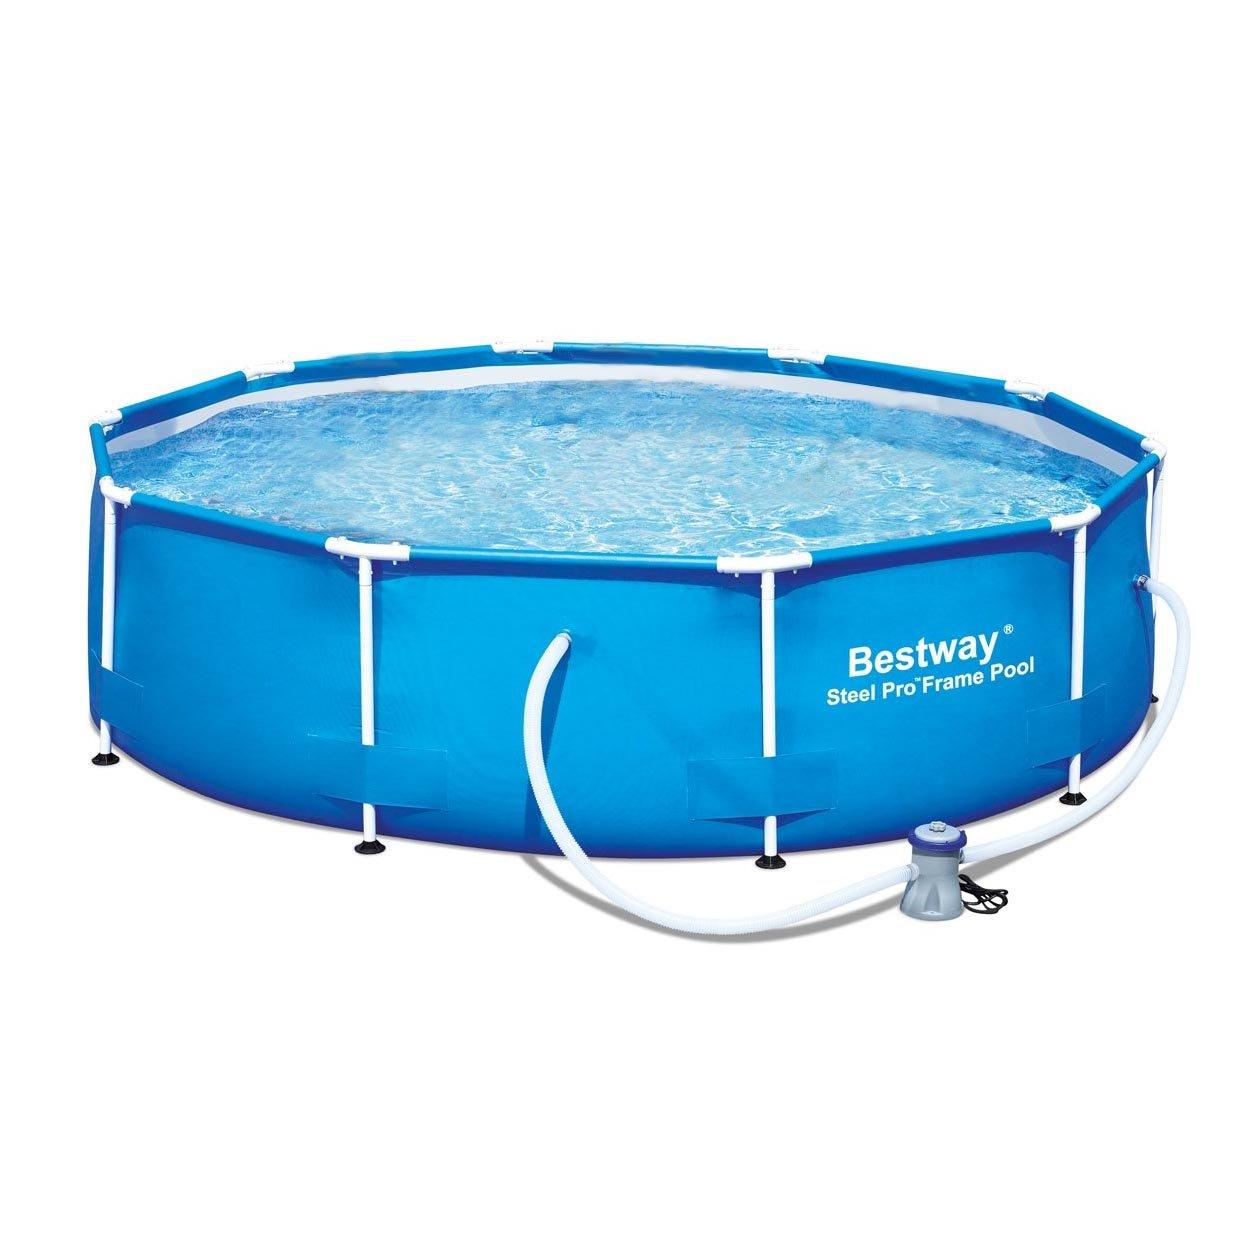 bestway pool